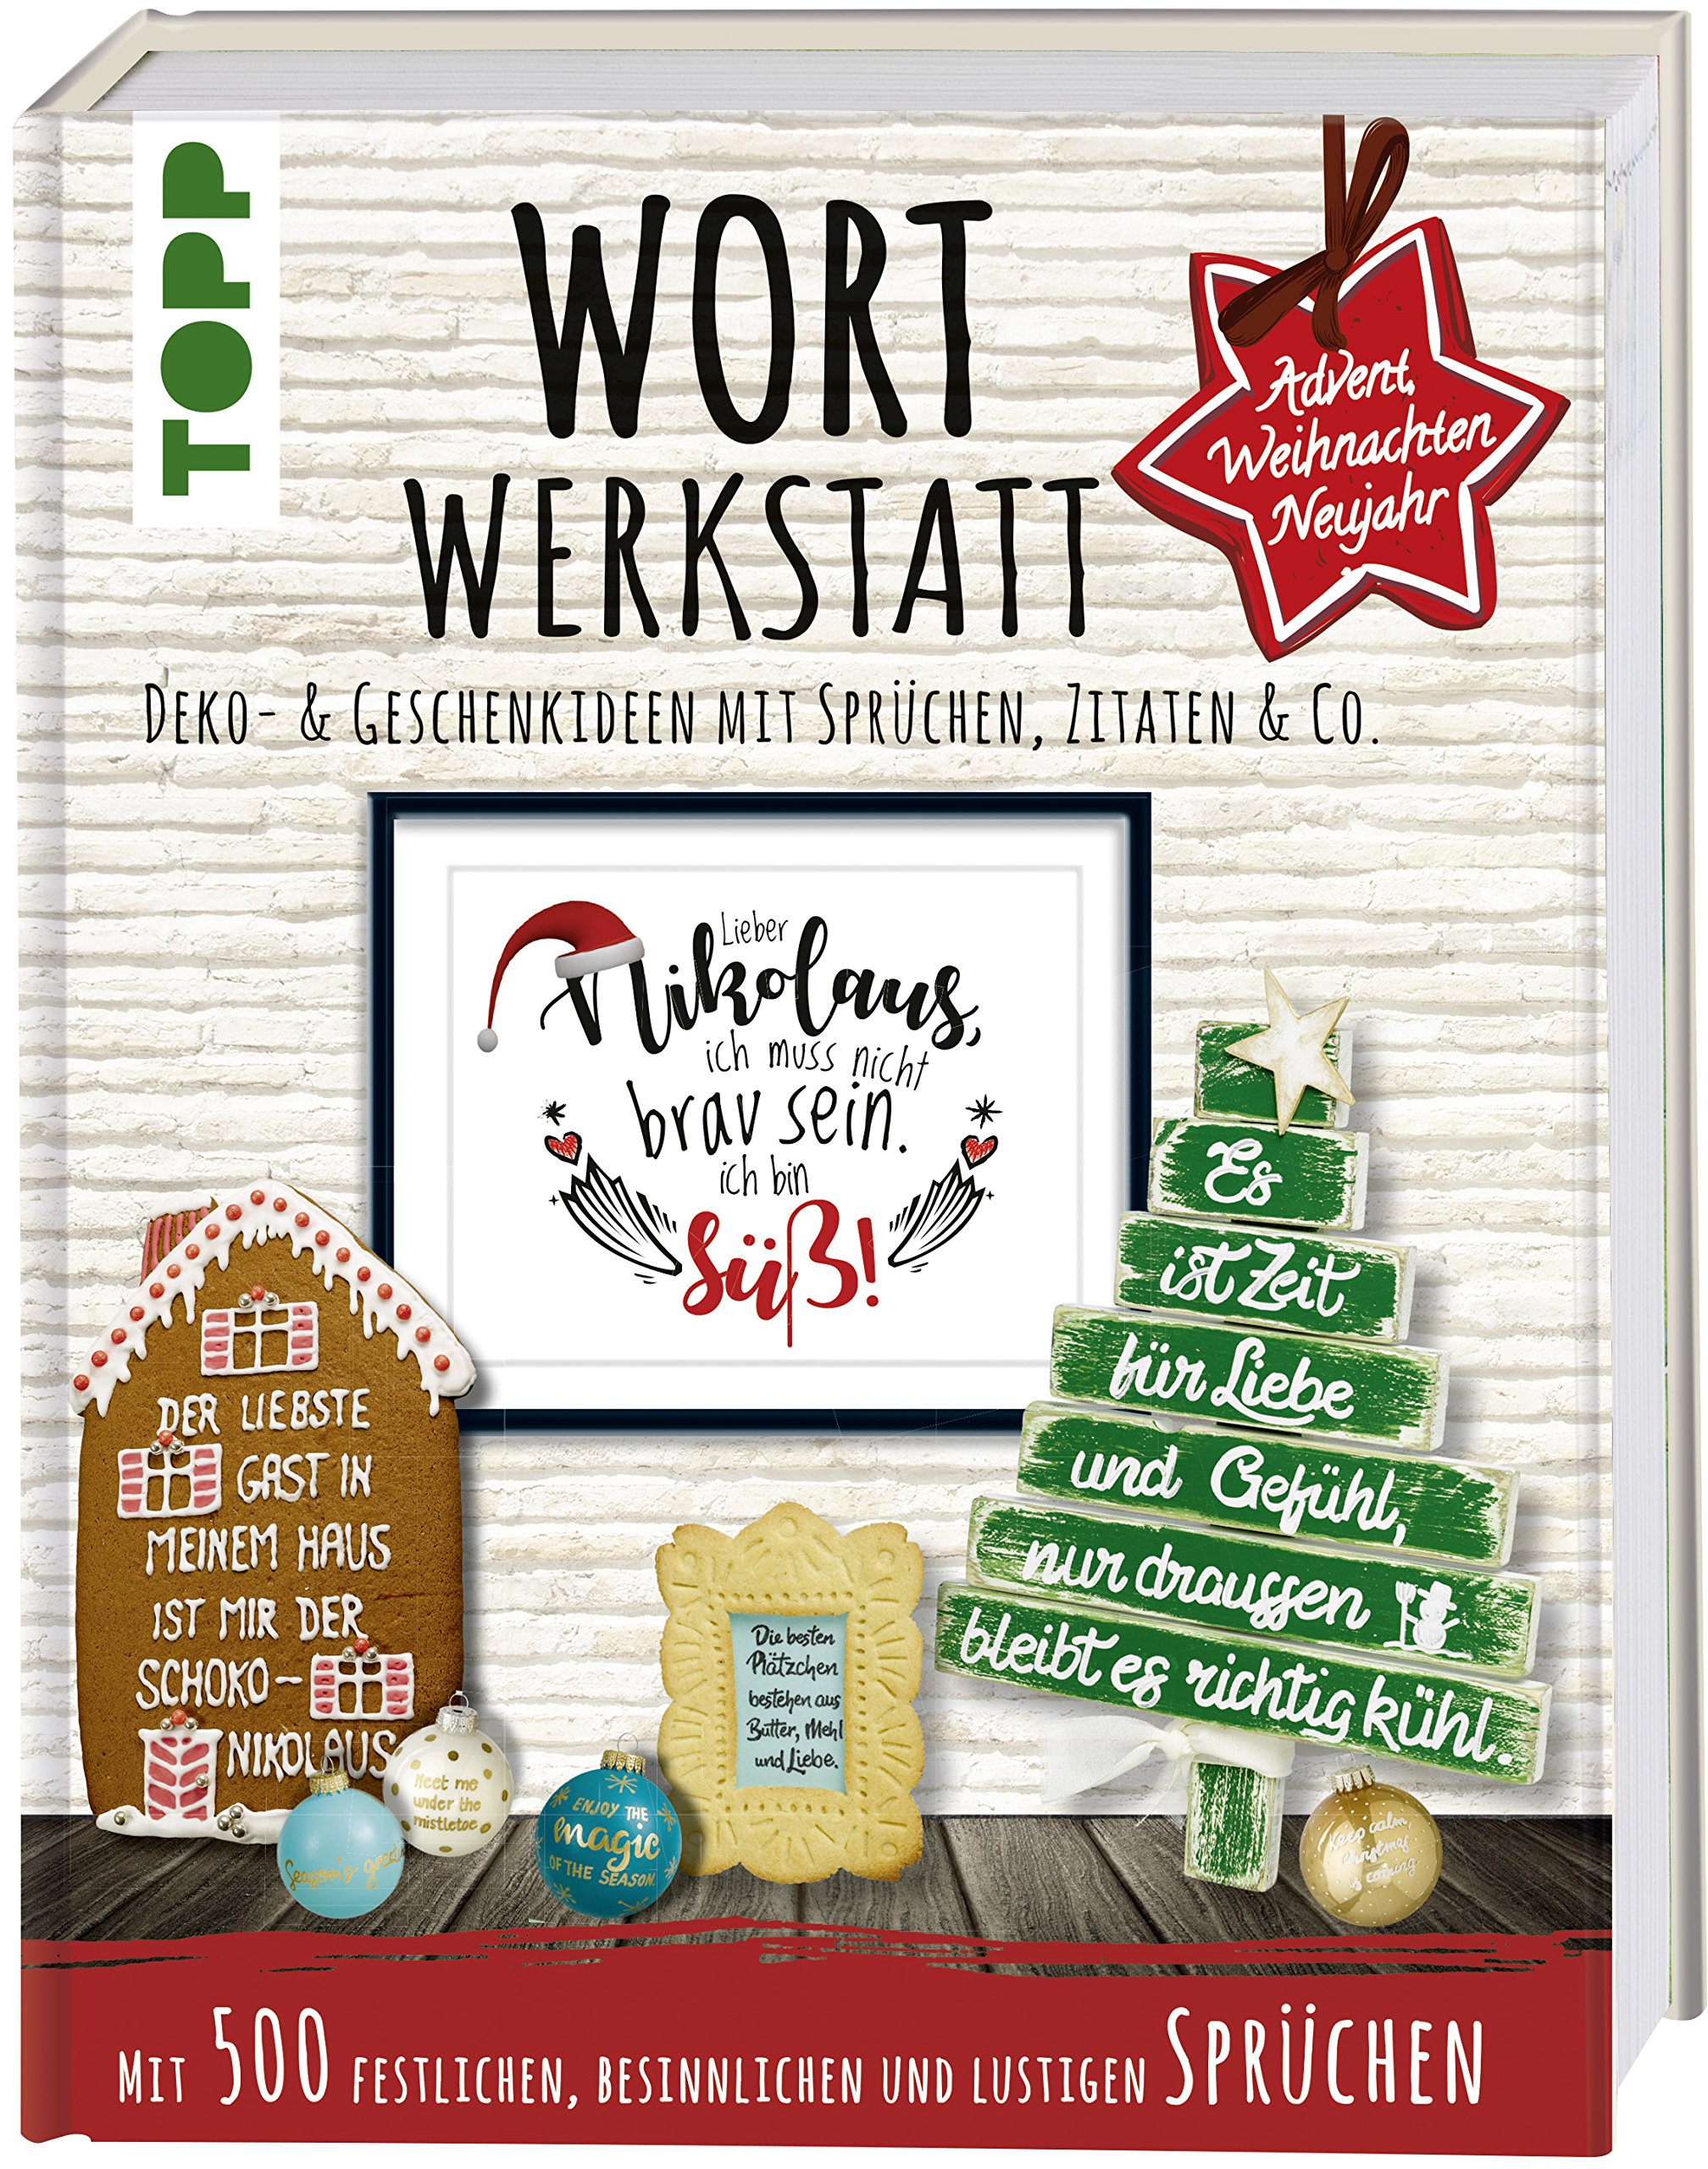 Wortwerkstatt - Advent, Weihnachten & Neujahr, Deko- & Geschenkideen ...